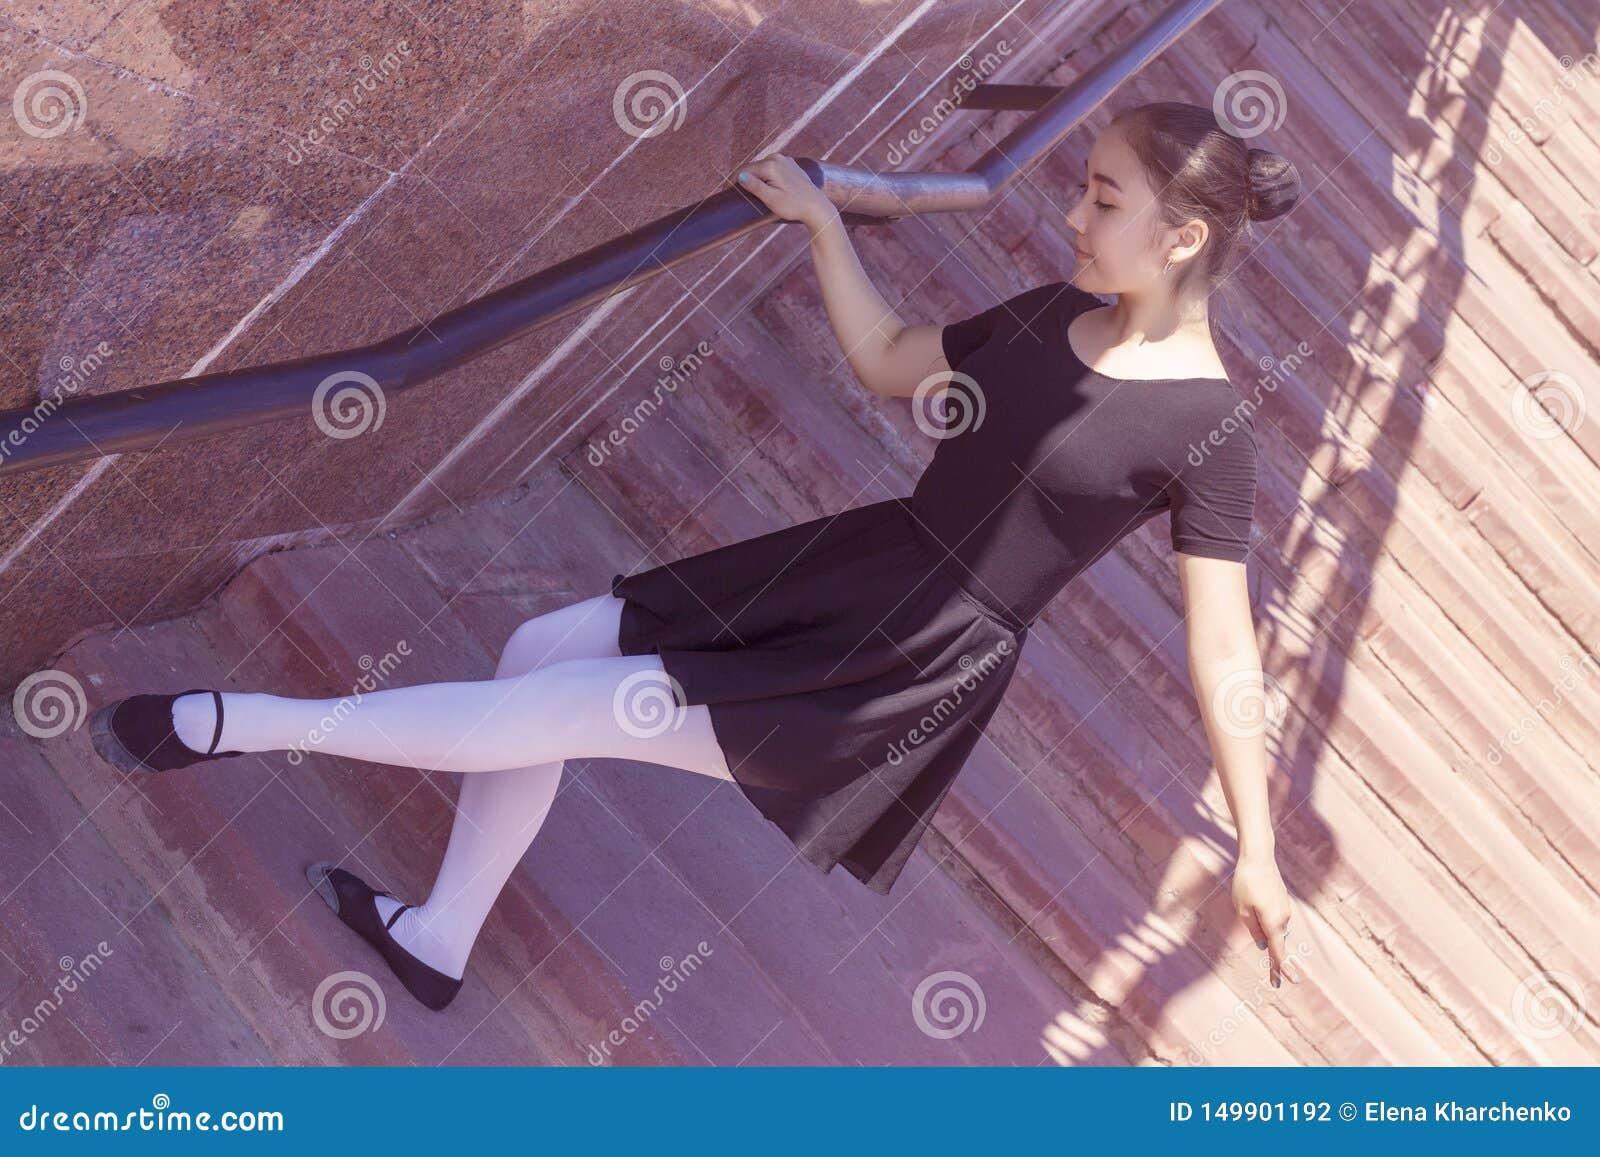 Dziewczyna tancerz robi różnych ruchy taniec w kostiumu kąpielowym dla tanczyć i baletniczy butów